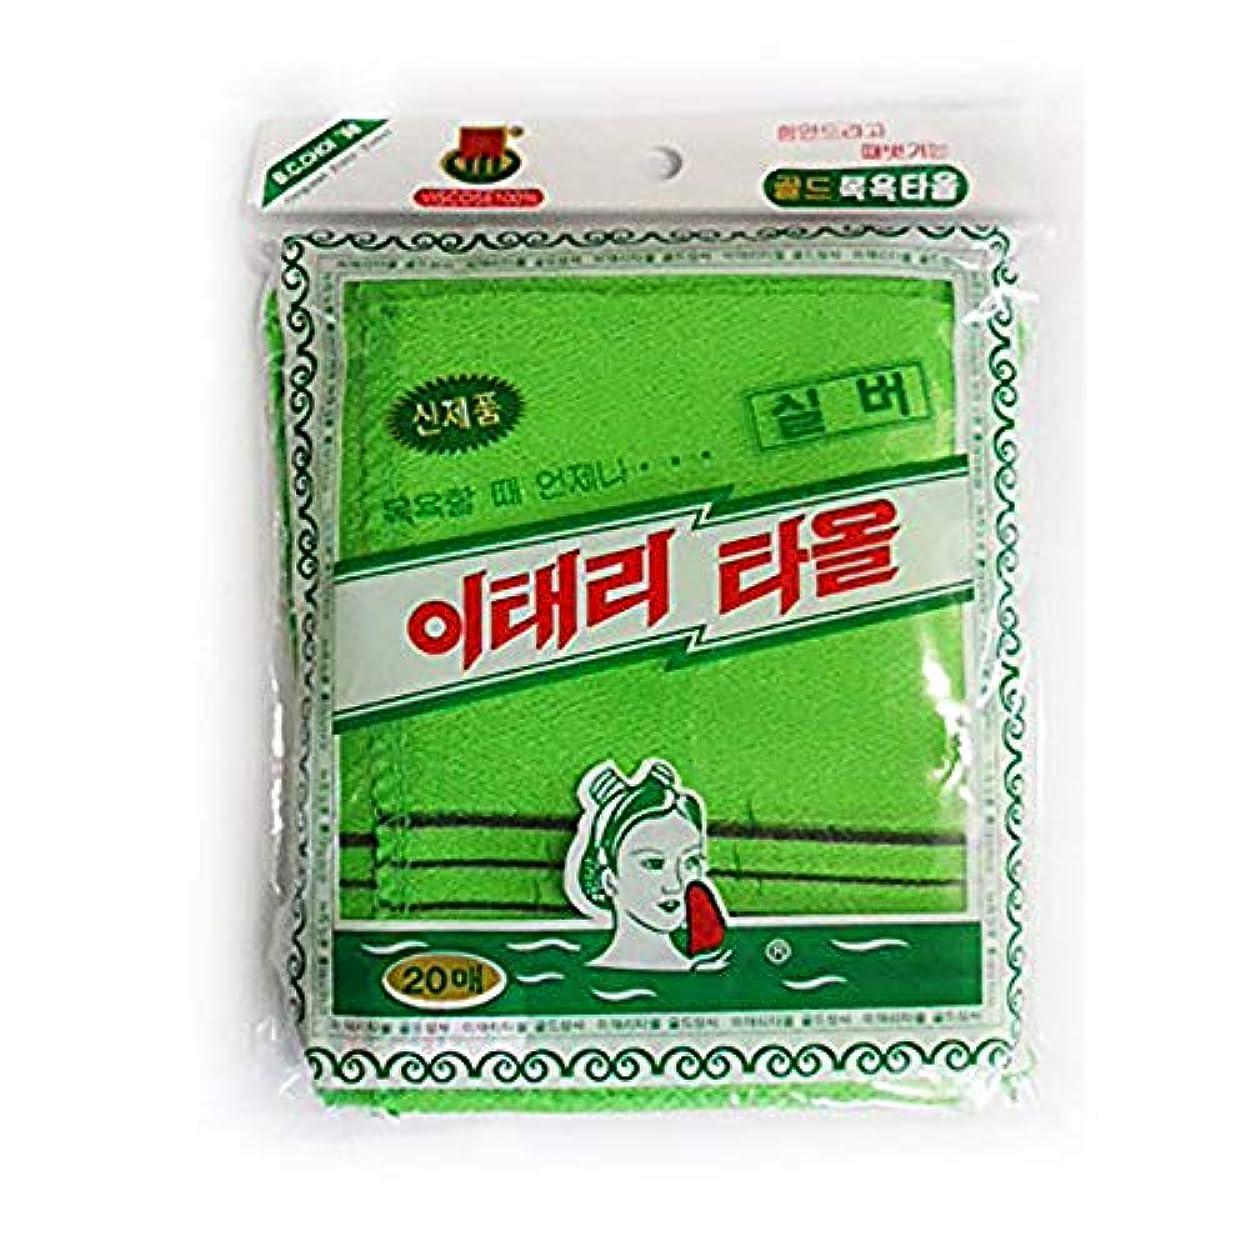 副詞離す指紋アカスリタオル (韓国式あかすりタオル) 20枚セット